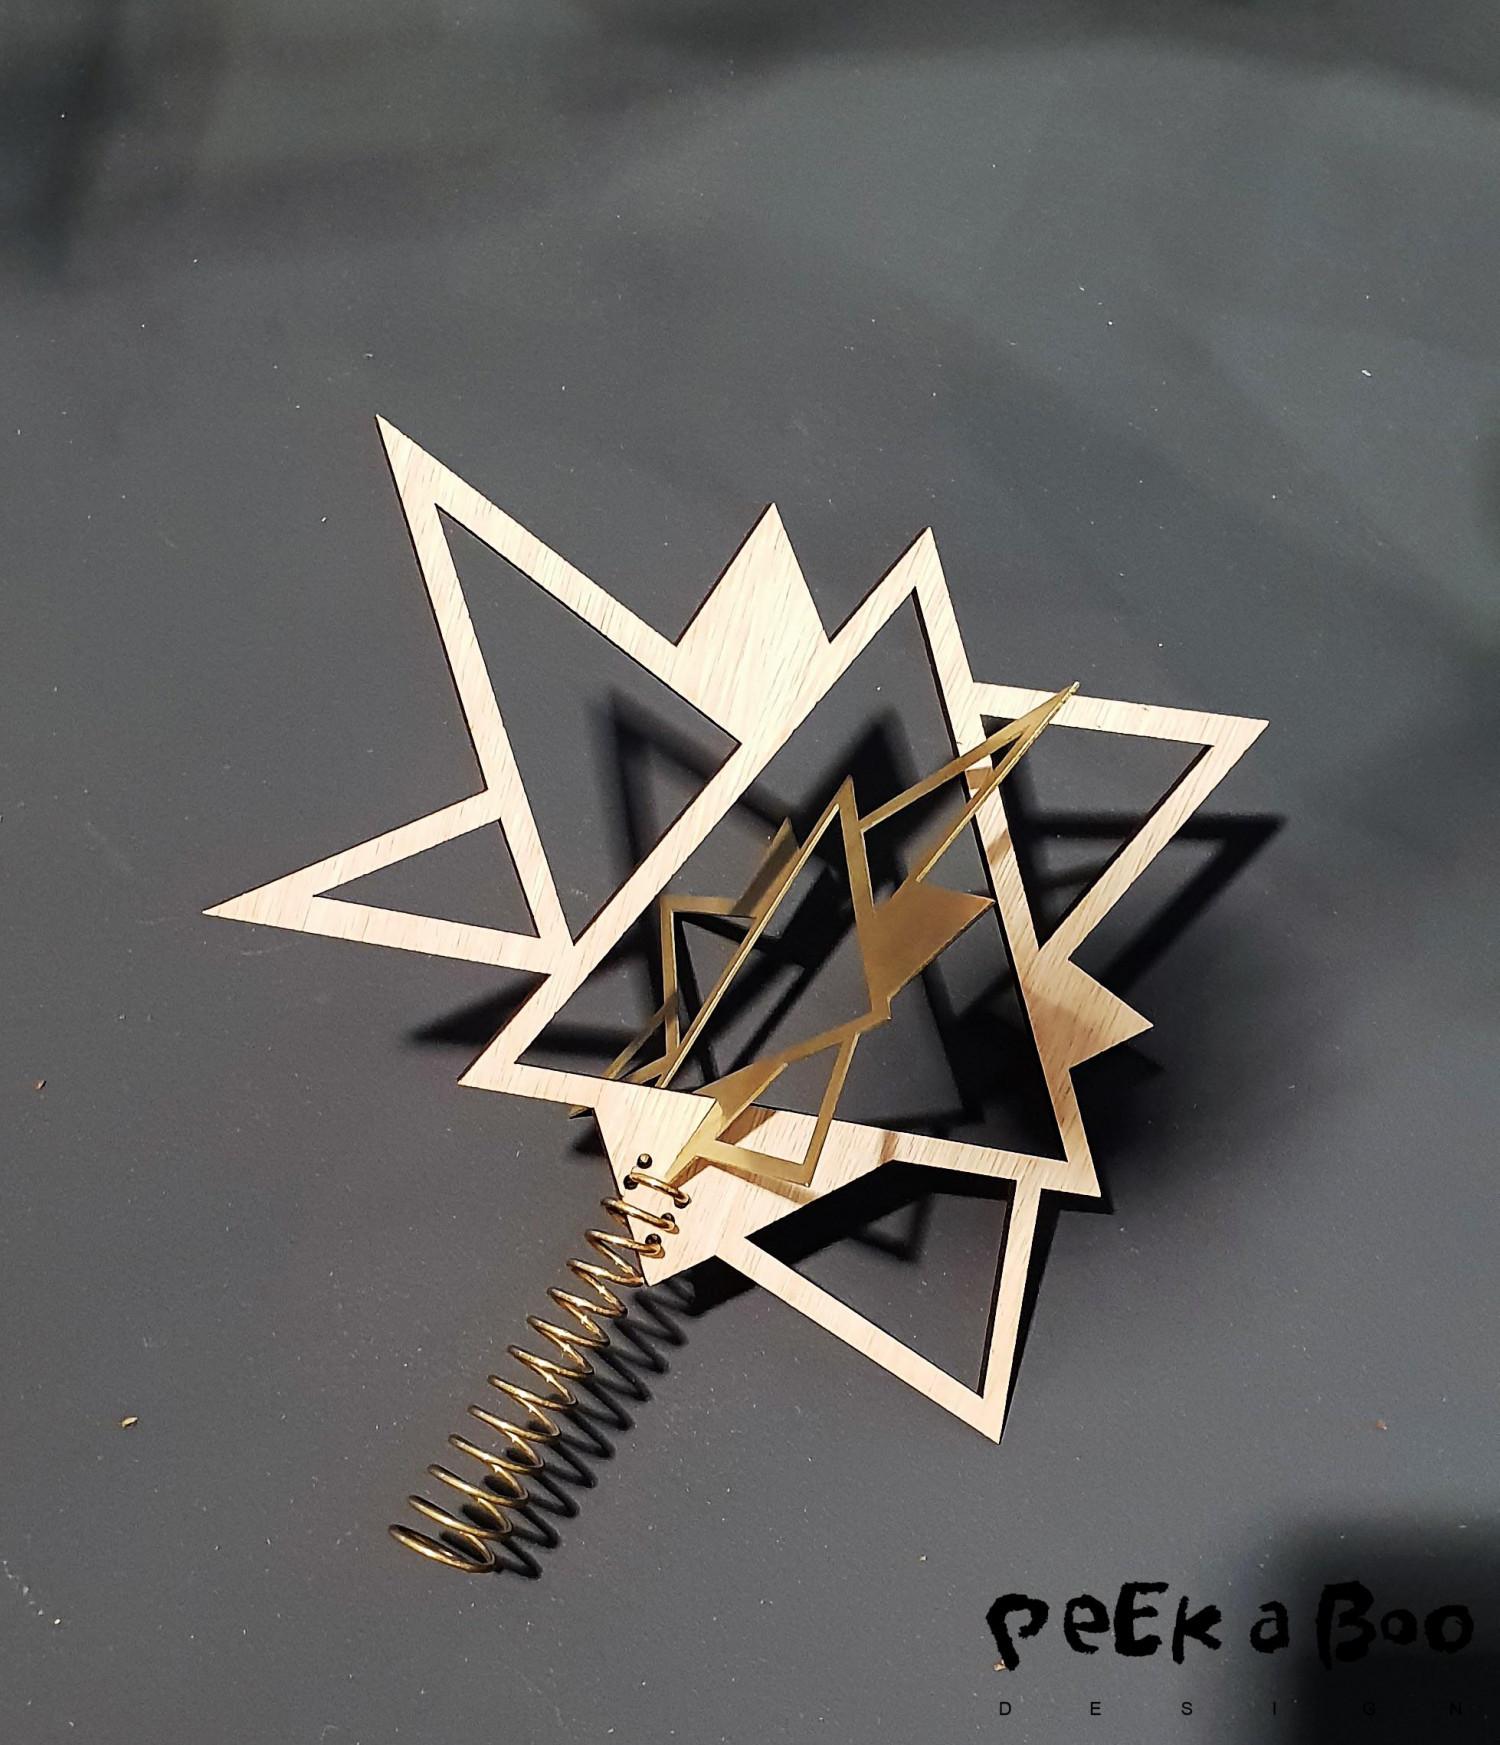 Denne asymmetriske topstjerne i messing passer perfekt i tiden, og kunne nemt gå hen og blive en klassiker i julen.